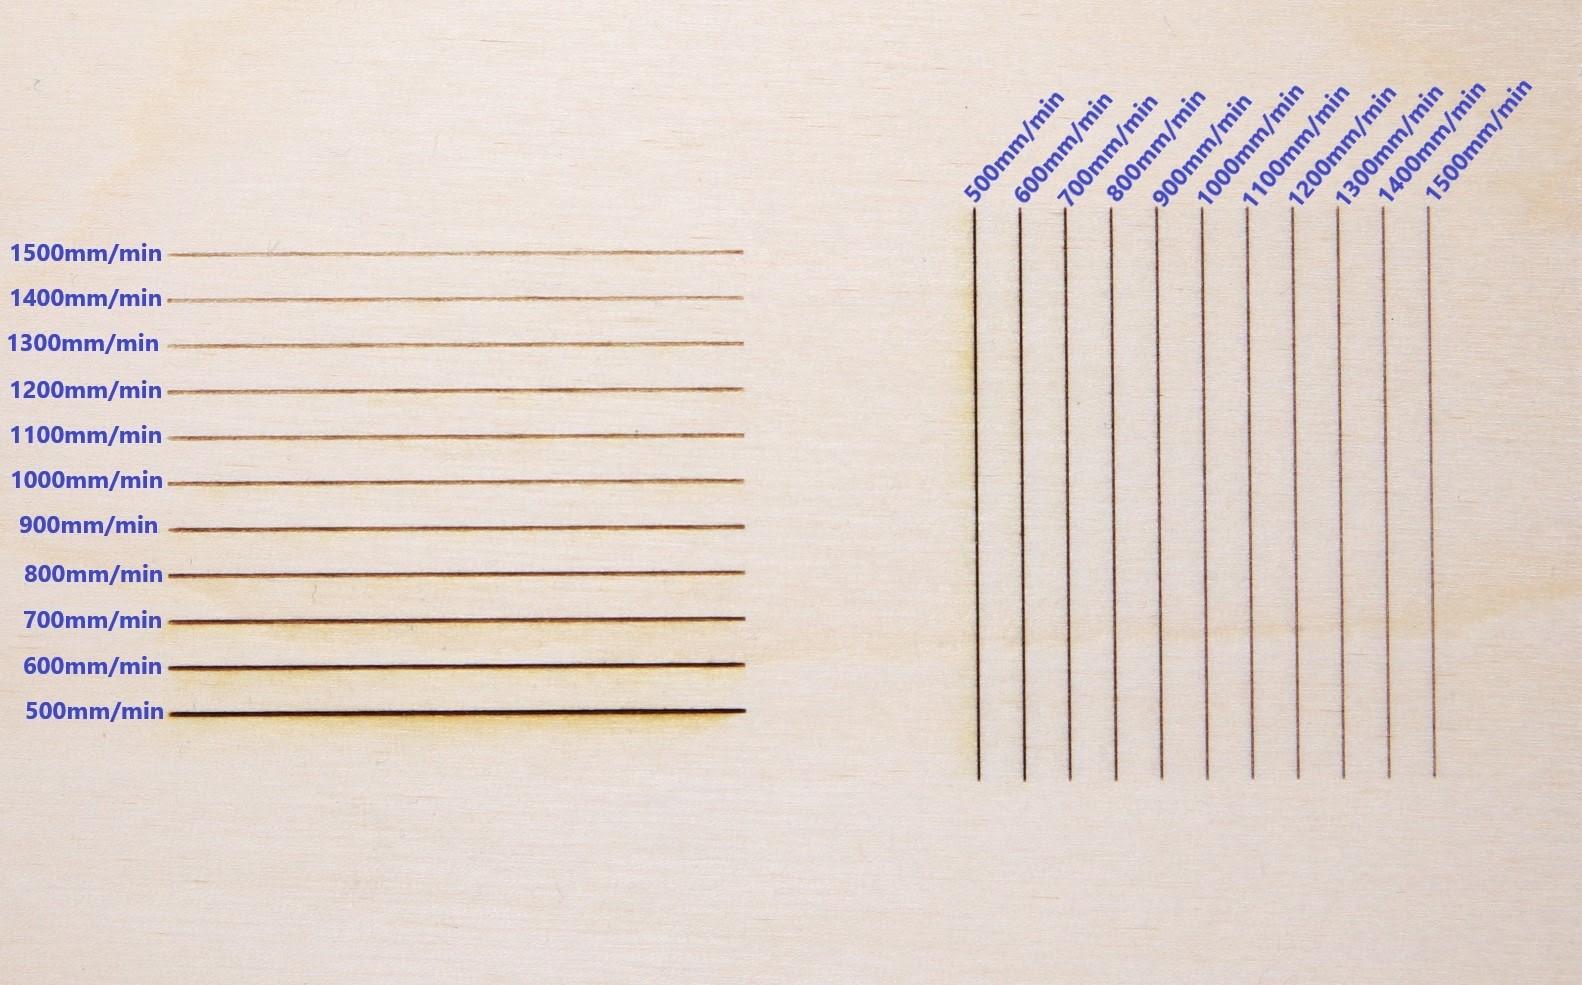 Testing Laser Engraving Speed